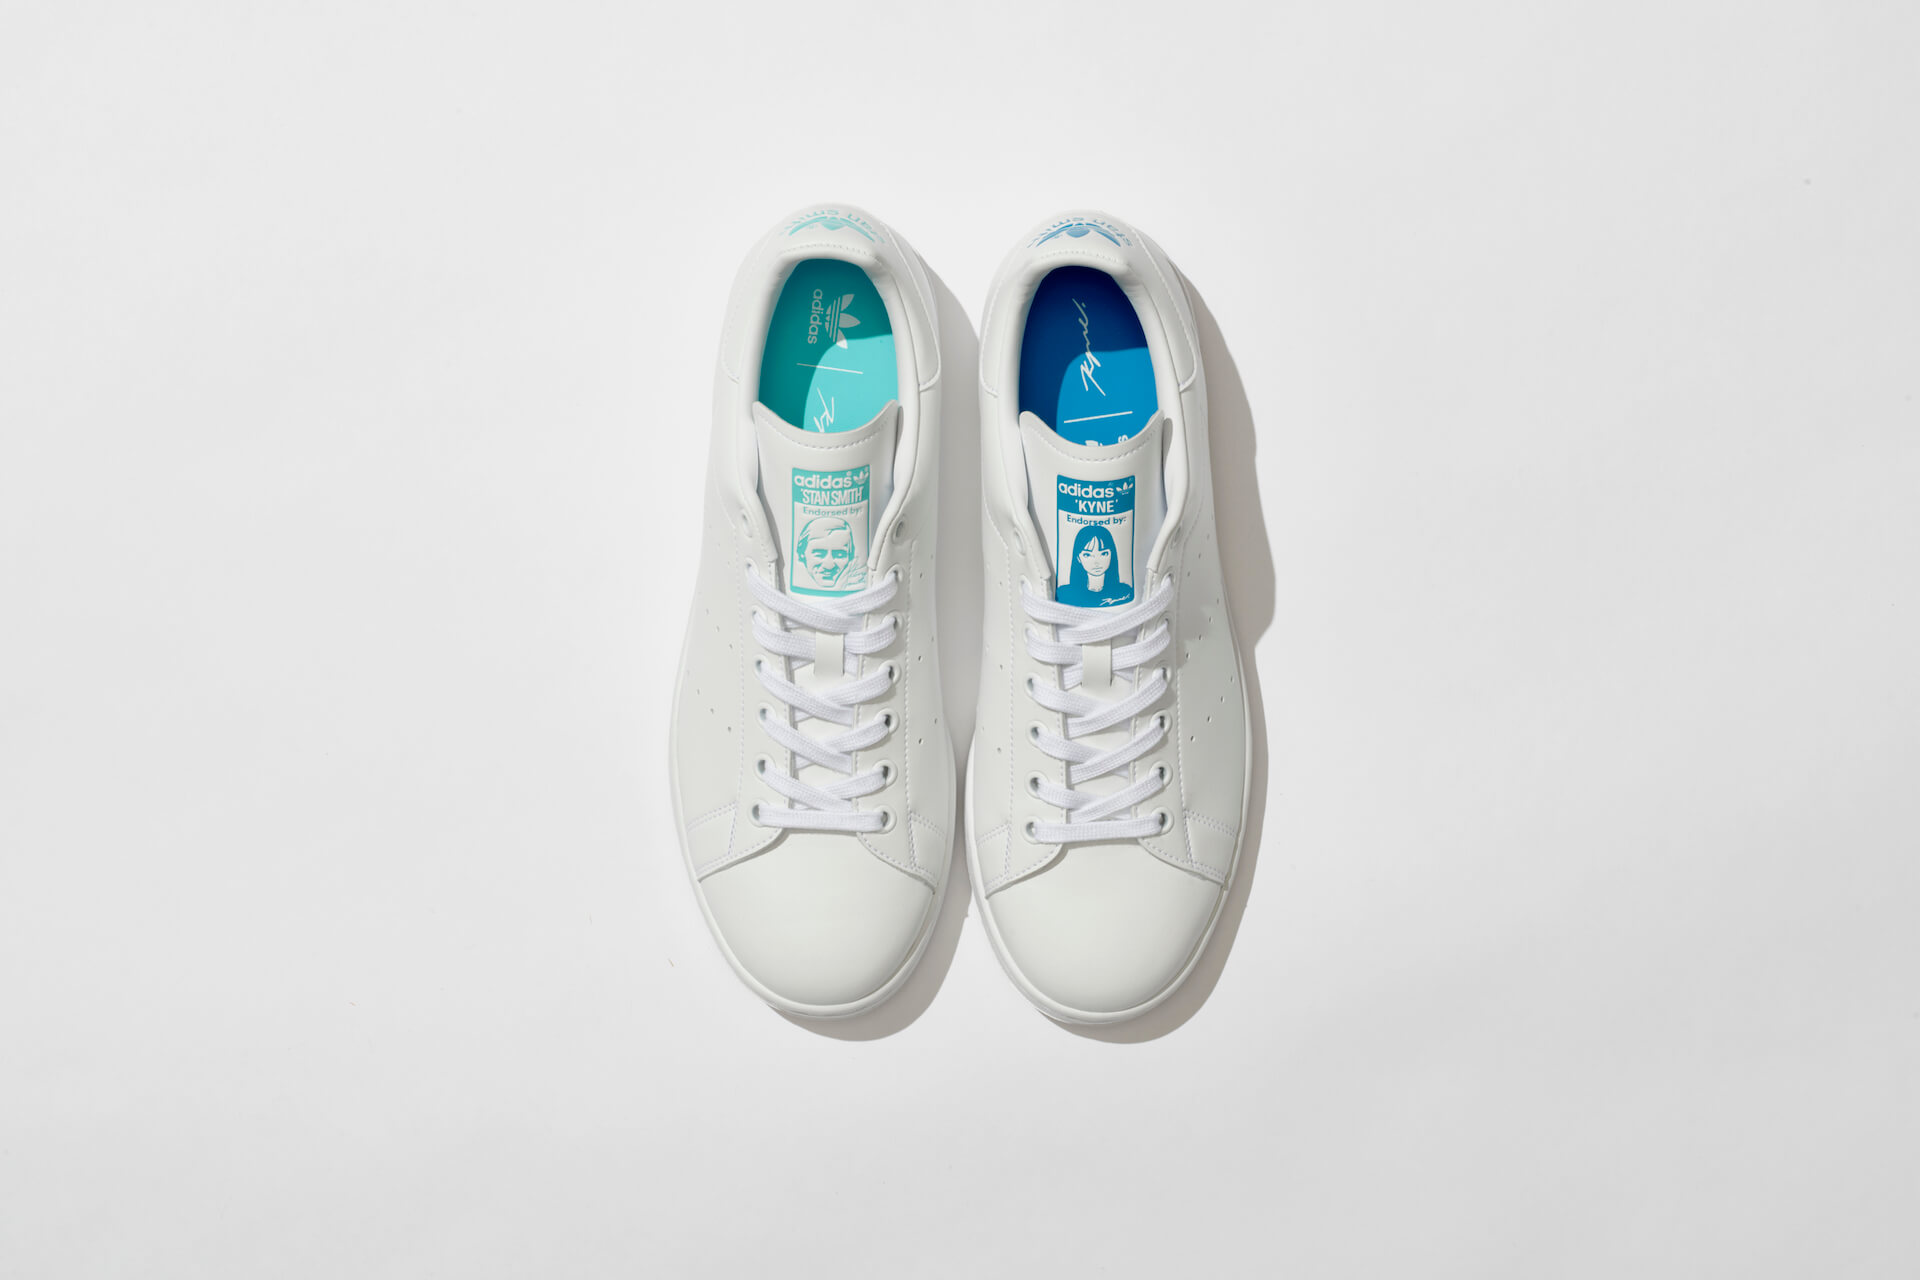 adidas OriginalsとKYNEのコラボが実現!STAN SMITH KYNEとグラフィックTが発売決定 life210607_adidasoriginals_kyne_11